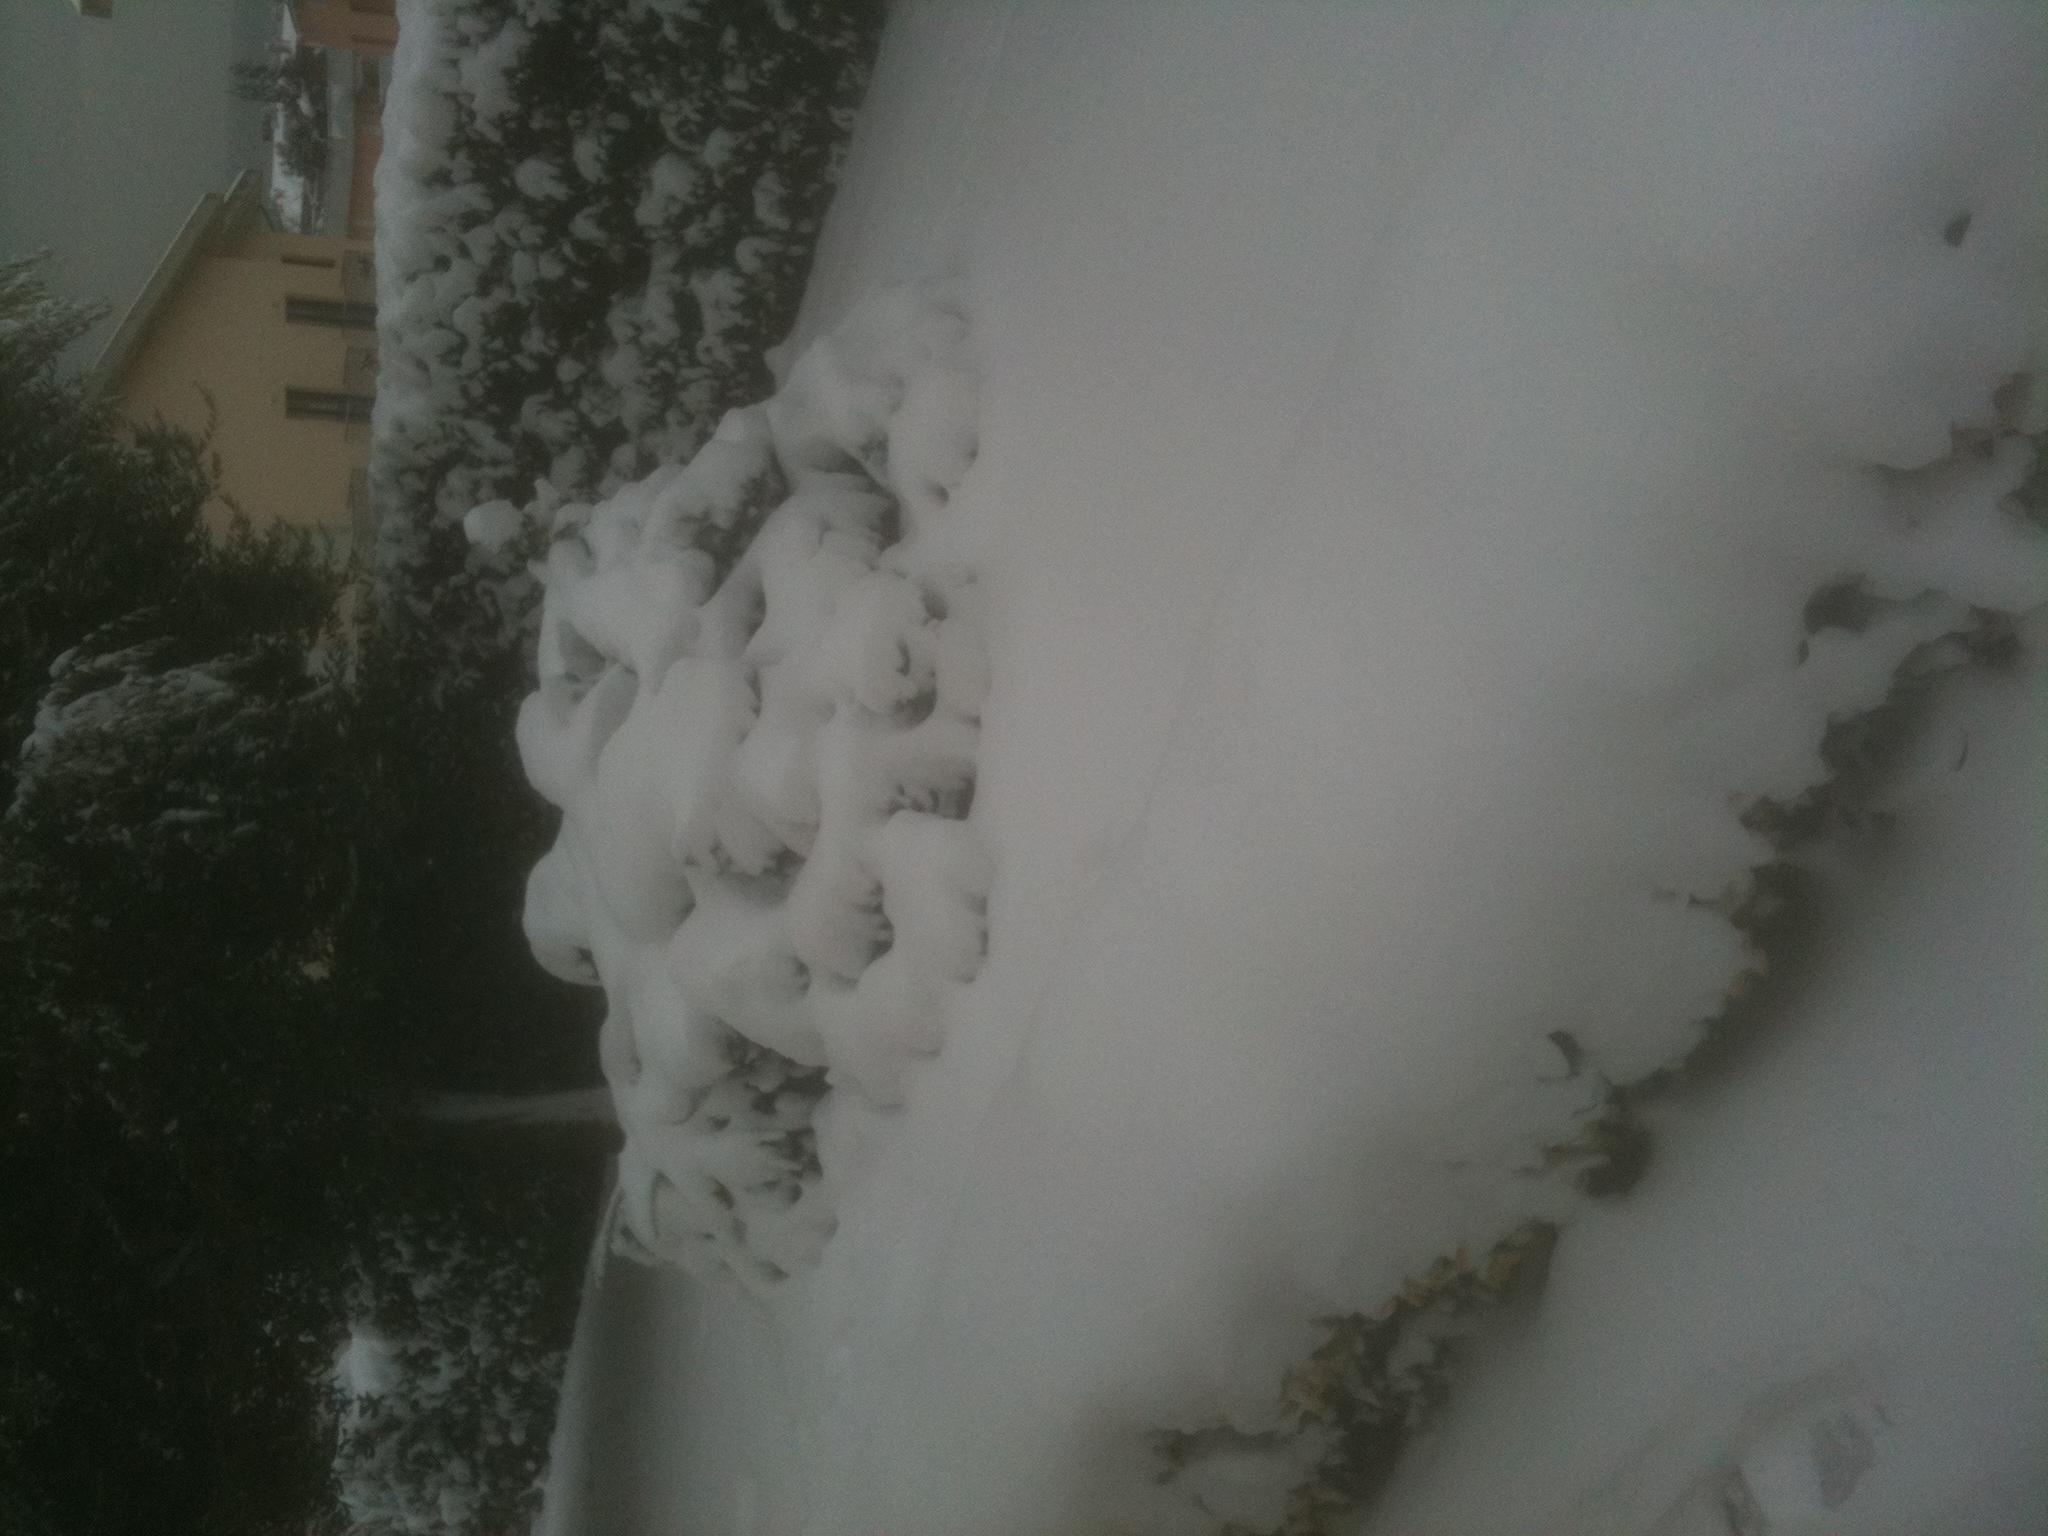 Grottammare, un giardino incantato con neve, febbraio 2012, Luciano Aubert